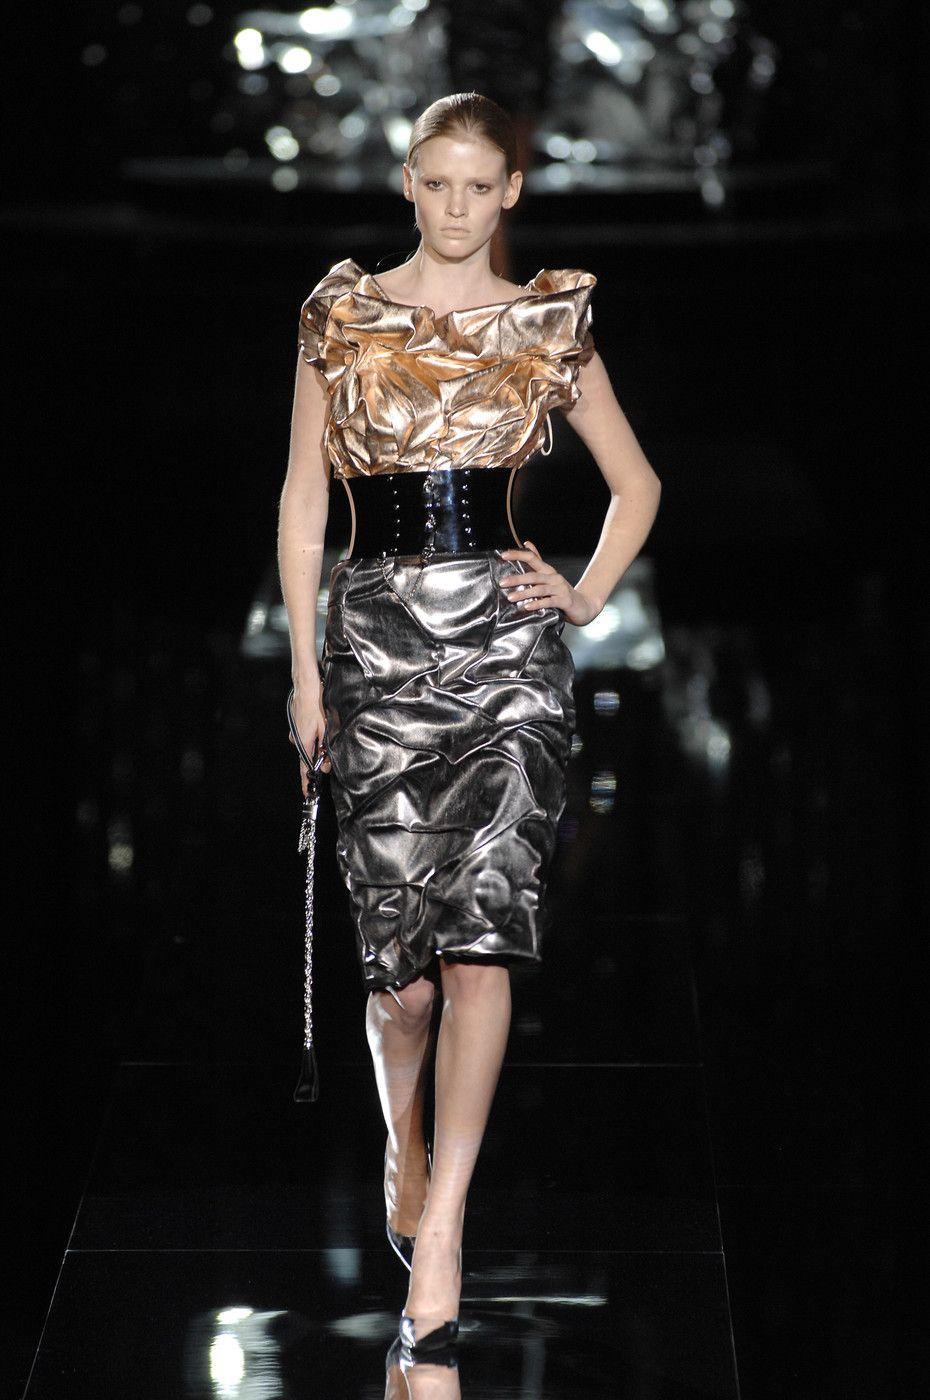 ☆ Dolce & Gabbana | Fall/Winter 2007 ☆ #Dolce_and_Gabbana #Fall_Winter_2007 #Catwalk #Fashion #Fashion_Show #Runway #Collection #Lara_Stone